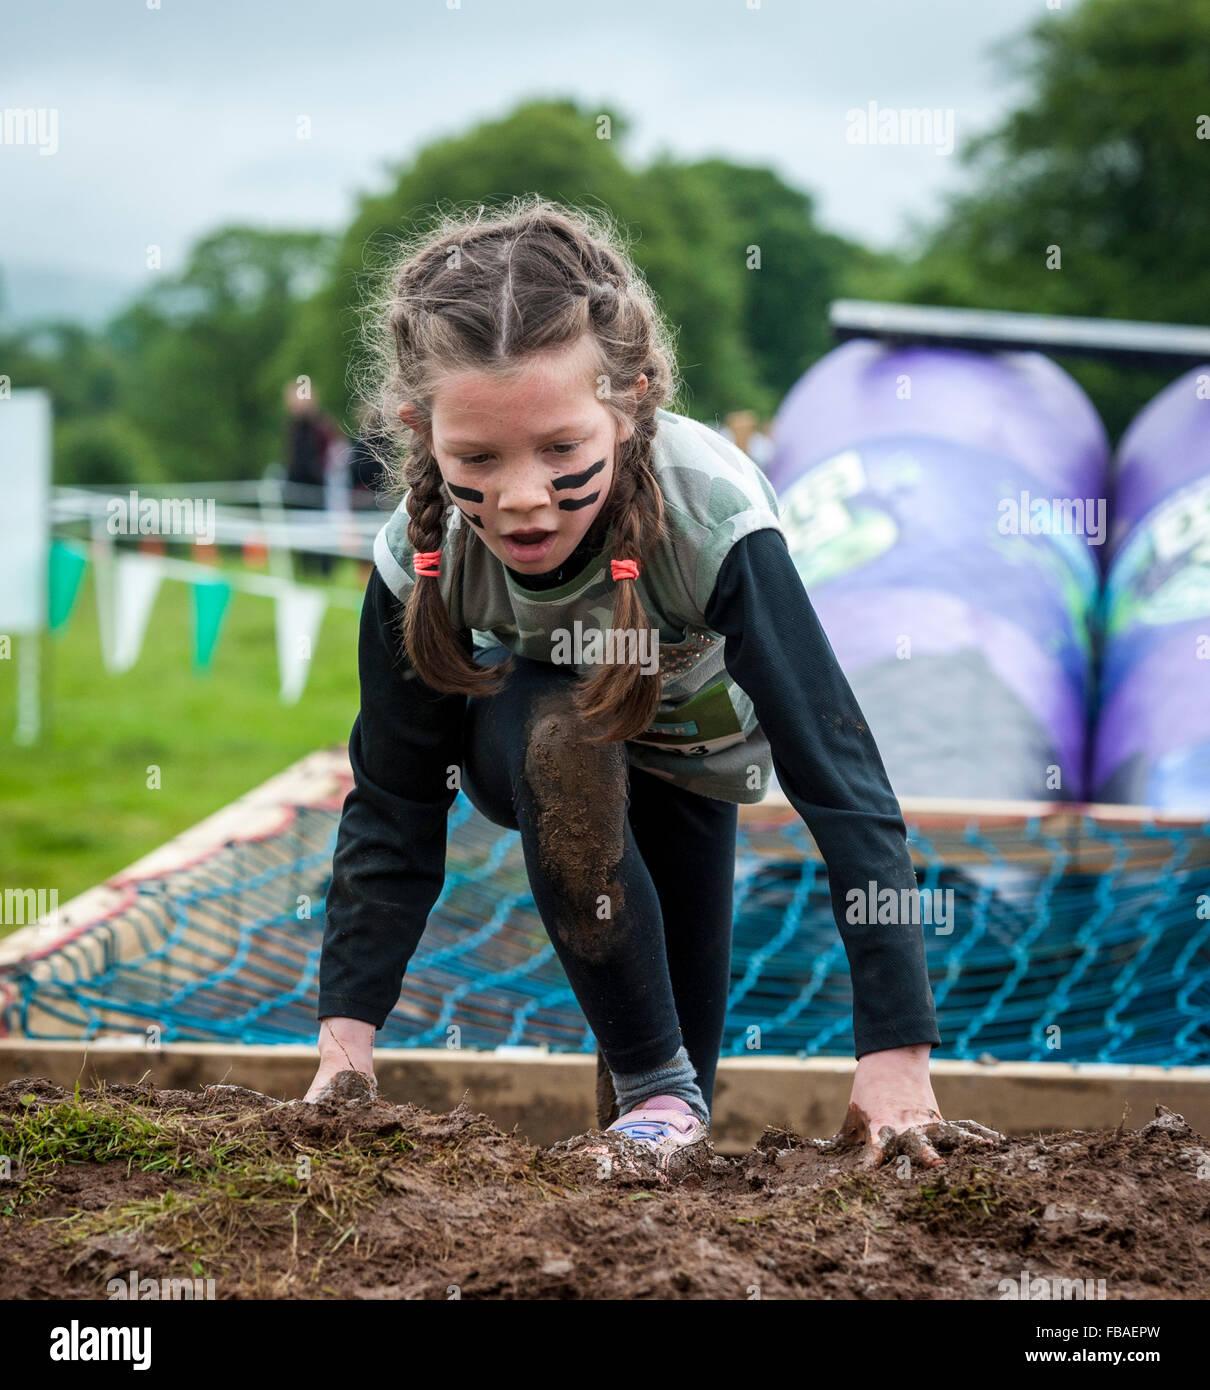 Azione nel frutto Shoot Mini Mudder sfida al castello di Drumlanrig, Dumfries and Galloway, Scozia Immagini Stock